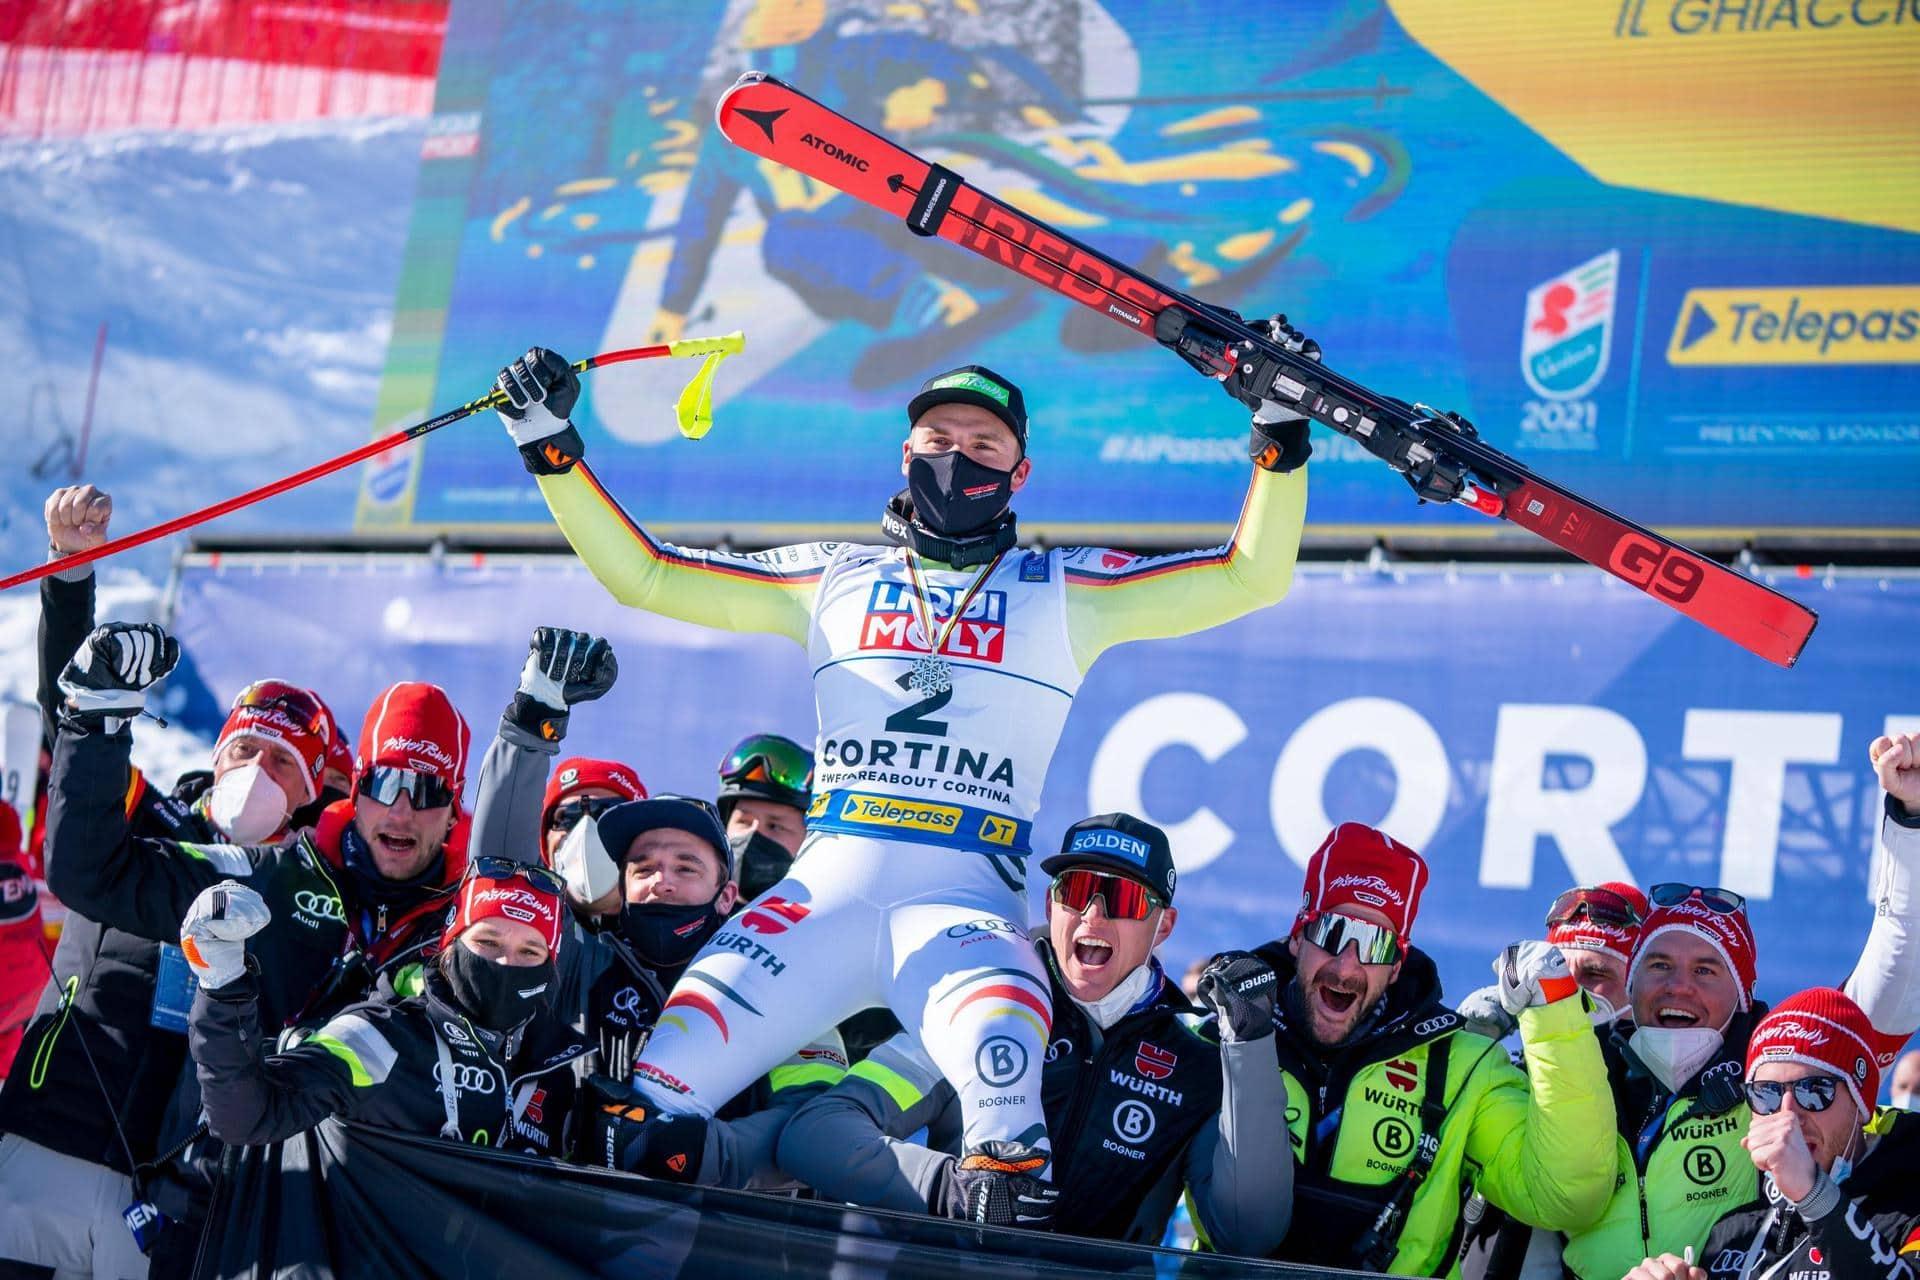 Nach WM-Traumauftakt: Deutsche Ski-Asse heiß auf «Zugabe» Alpin-Weltmeisterschaft